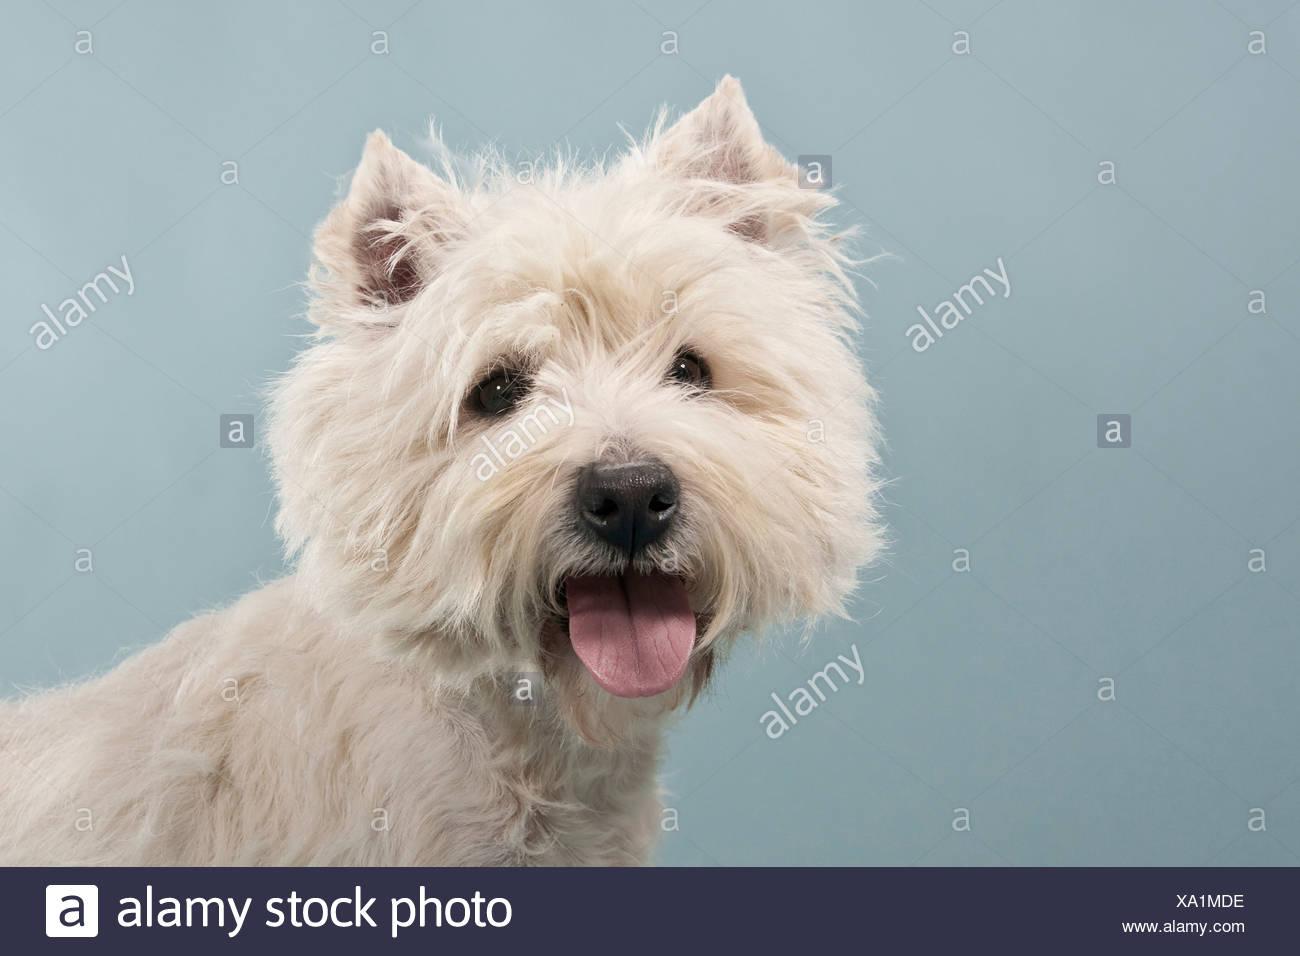 West Highland White Terrier, Westie, portrait Stock Photo: 281550458 ...